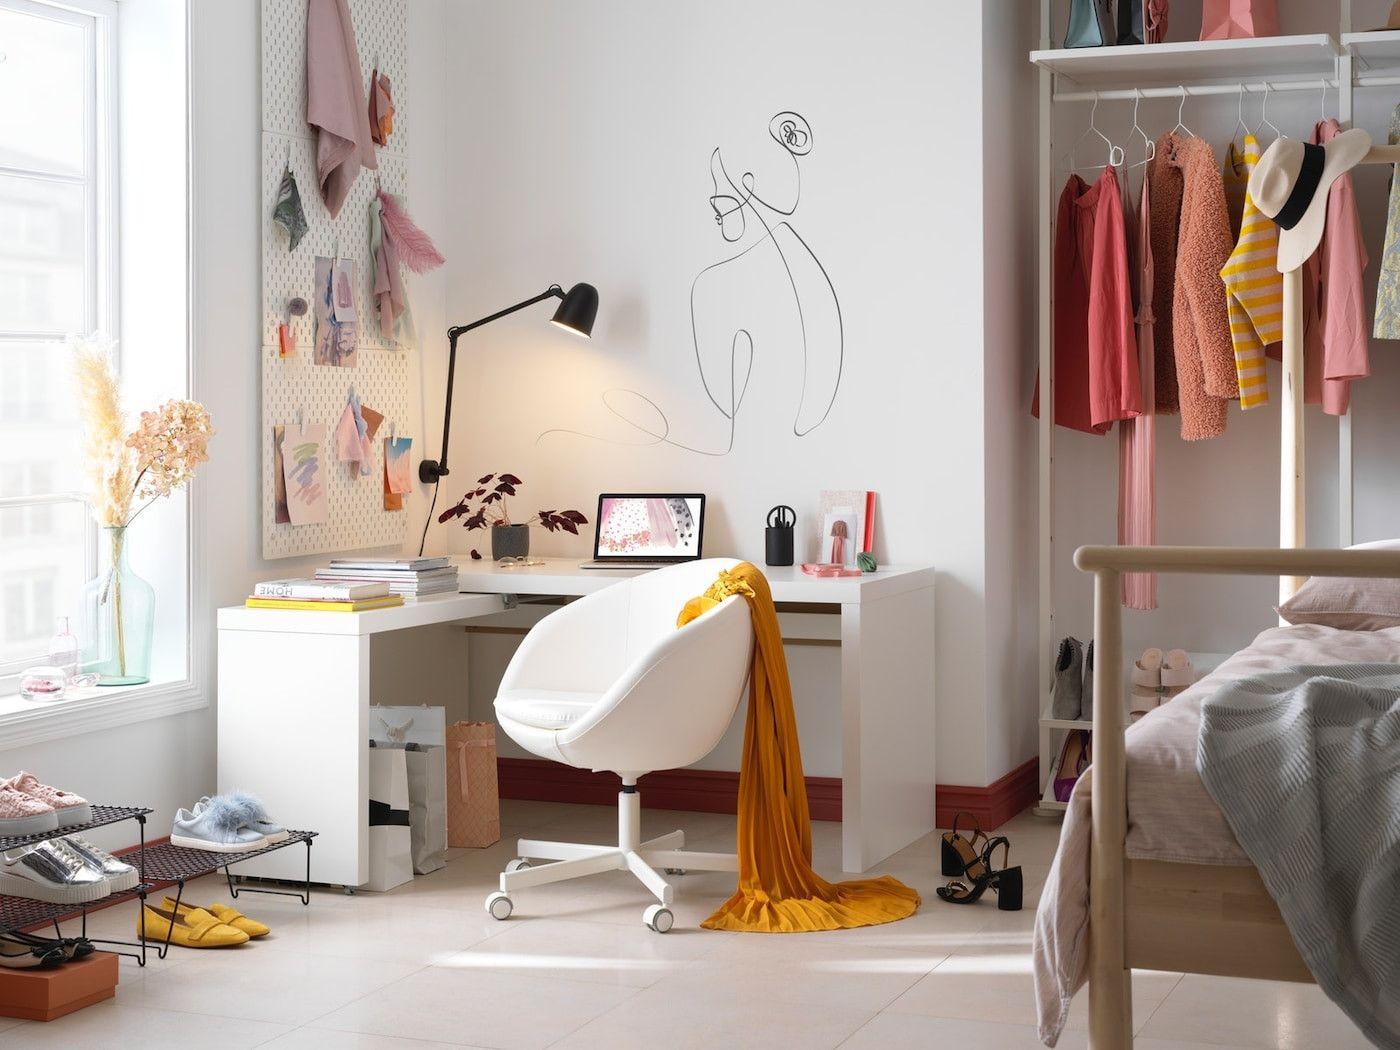 Arbeitsplatz Im Schlafzimmer Ikea Stock in 2020 | White ...